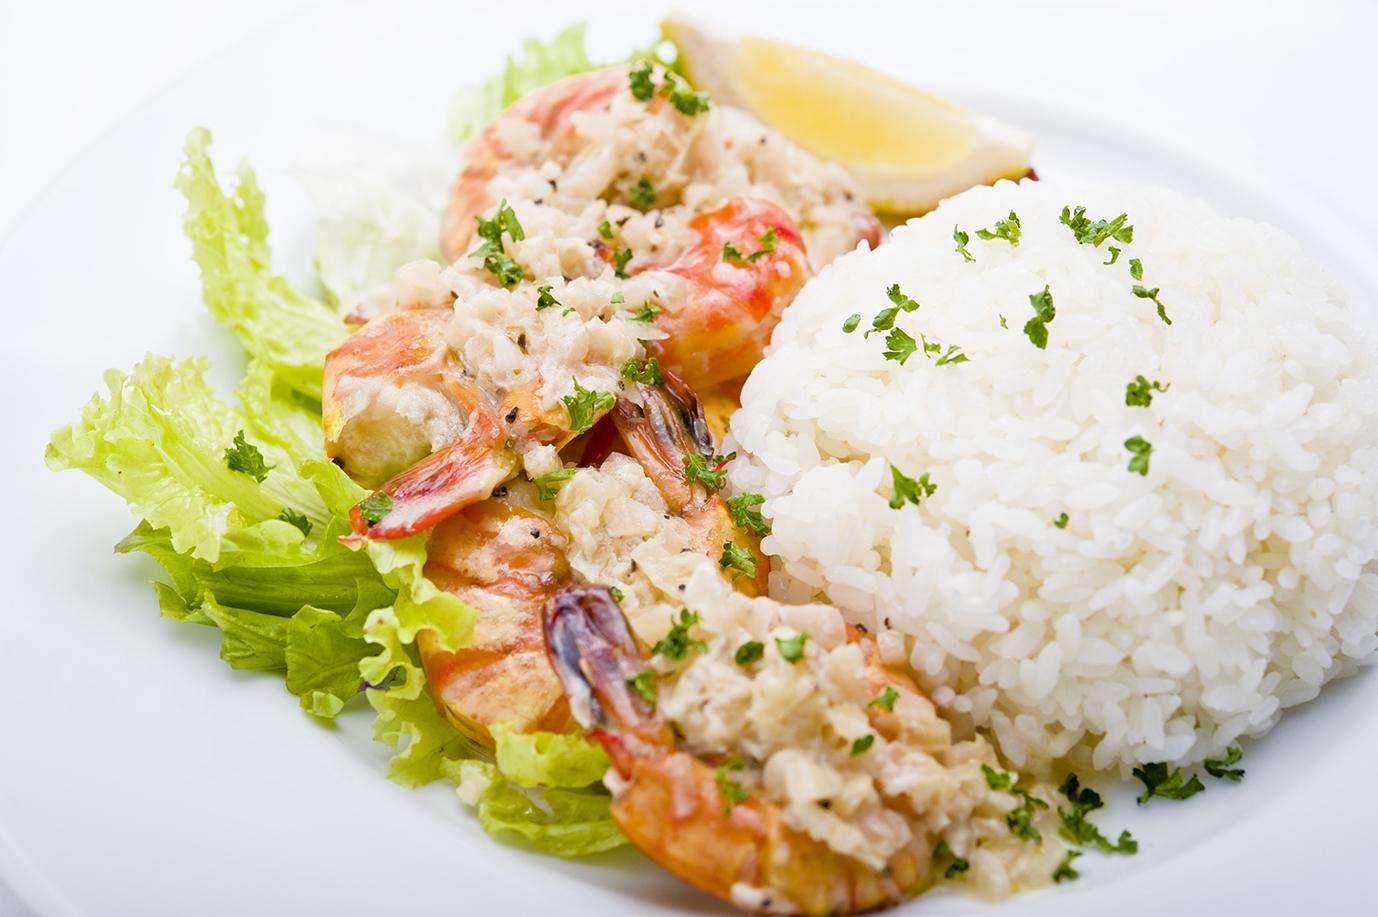 ハワイアンガーリックシュリンプ Hawaiian Garlic Shrimp